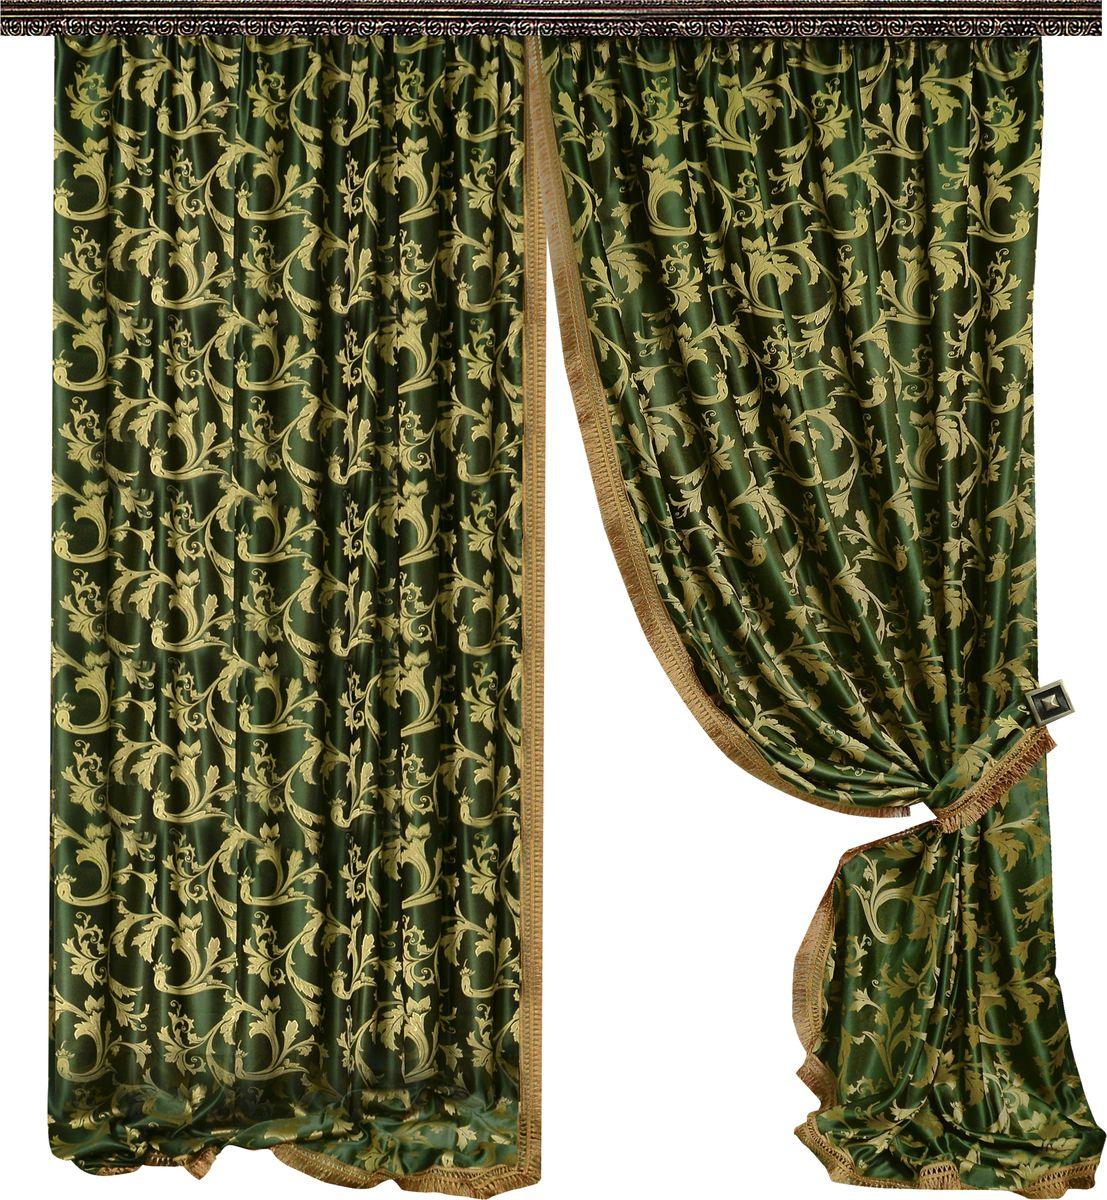 Комплект штор Zlata Korunka, на ленте, цвет: зеленый, высота 270 см. 777064777064Роскошный комплект штор Zlata Korunka комплект состоит из двух штор и двух подхватов, выполненных из 100% полиэстера, которыевеликолепно украсит любое окно. Край штор отделан тесьмой из бахромы. Плотная ткань, оригинальный орнамент и приятная, приглушенная гамма привлекут к себе внимание и органично впишутся в интерьерпомещения.Комплект крепится на карниз при помощи шторной ленты, которая поможеткрасиво и равномерно задрапировать верх. Этот комплект будет долгое время радовать вас и вашу семью!В комплект входит:Штора: 2 шт. Размер (ШхВ): 160 см х 270 см.Подхват: 2 шт.